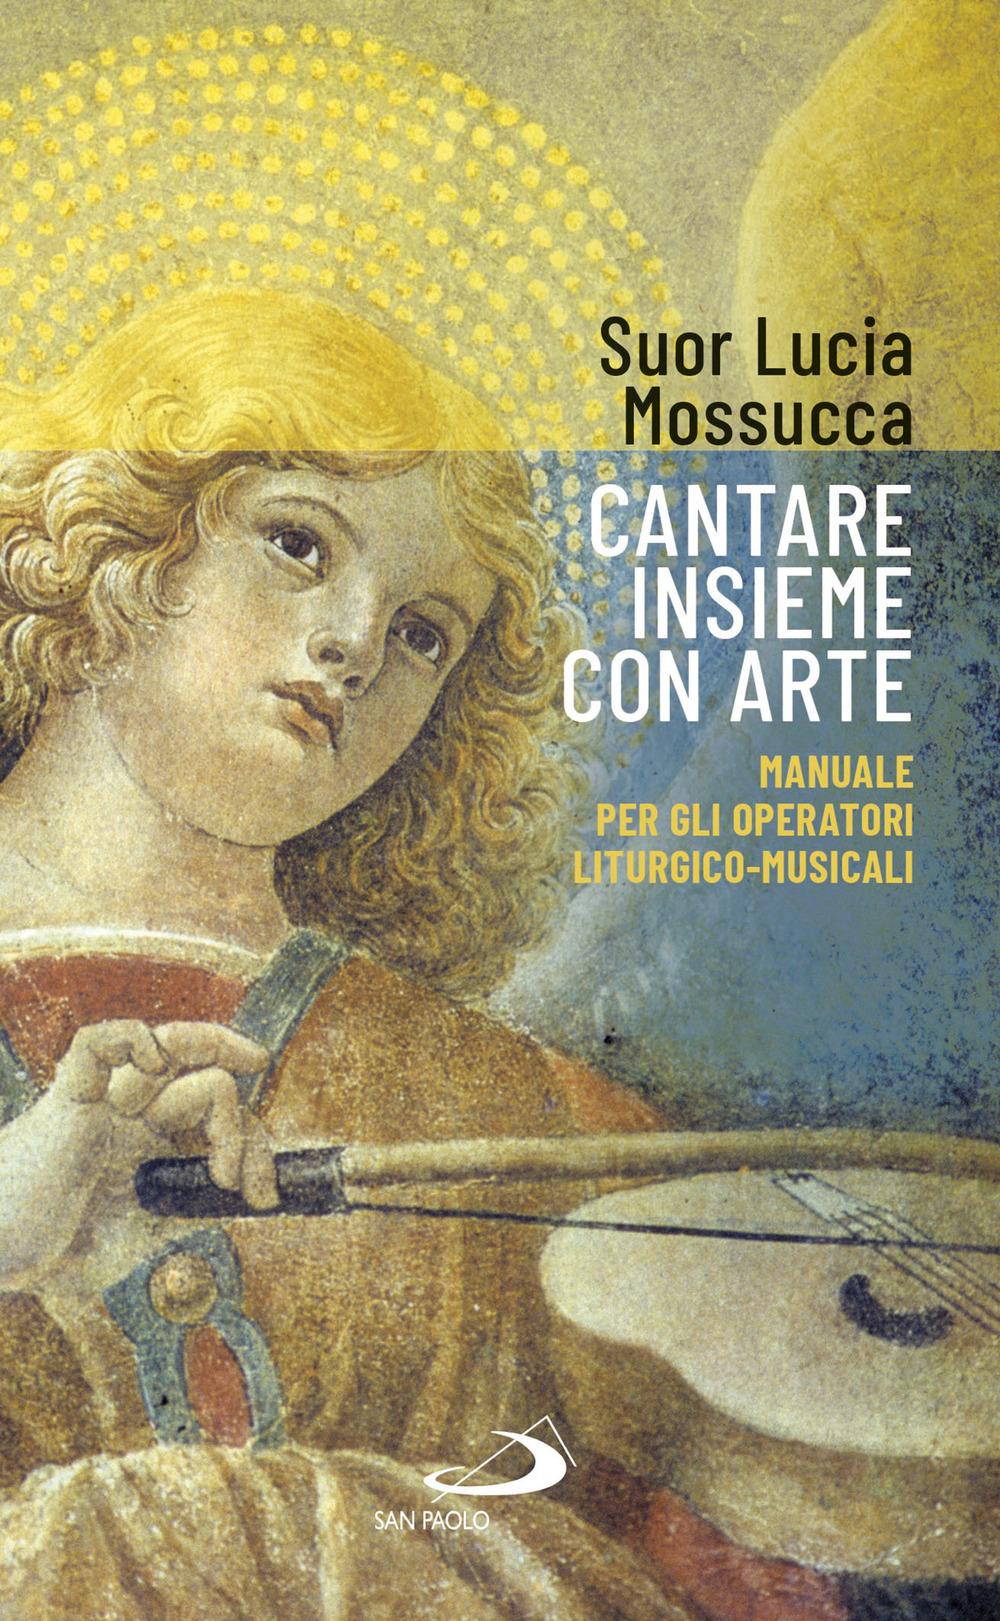 Cantare insieme con arte. Manuale per gli operatori liturgico-musicali